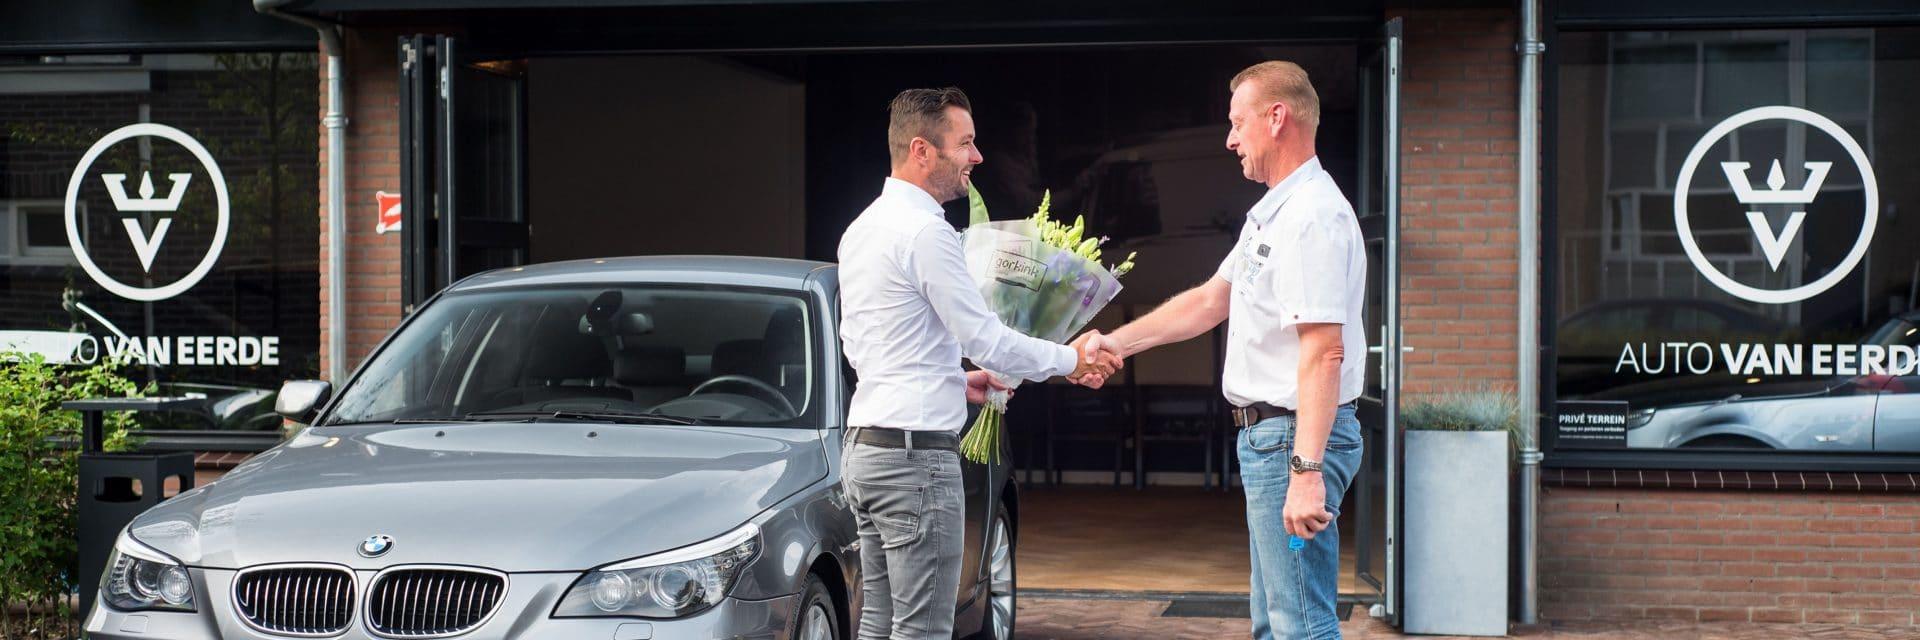 tevreden klanten en recensies over AUTO van Eerde